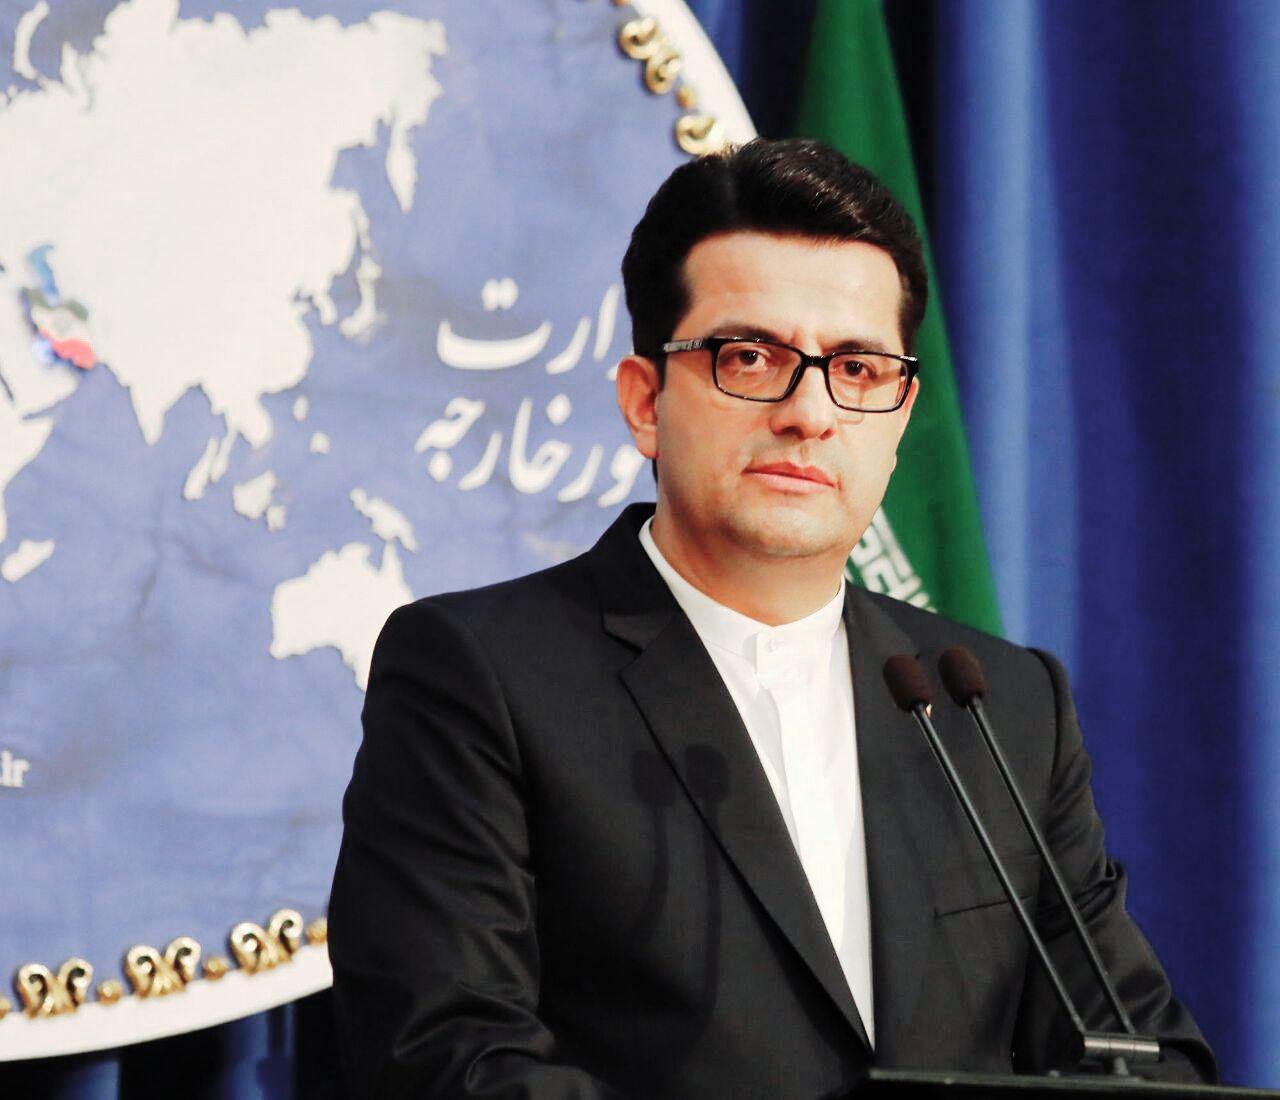 تنها یک هفته صبر نیاز بود تا پوچ بودن ادعای رئیس جمهور آمریکا برای مذاکره با ایران ثابت شود